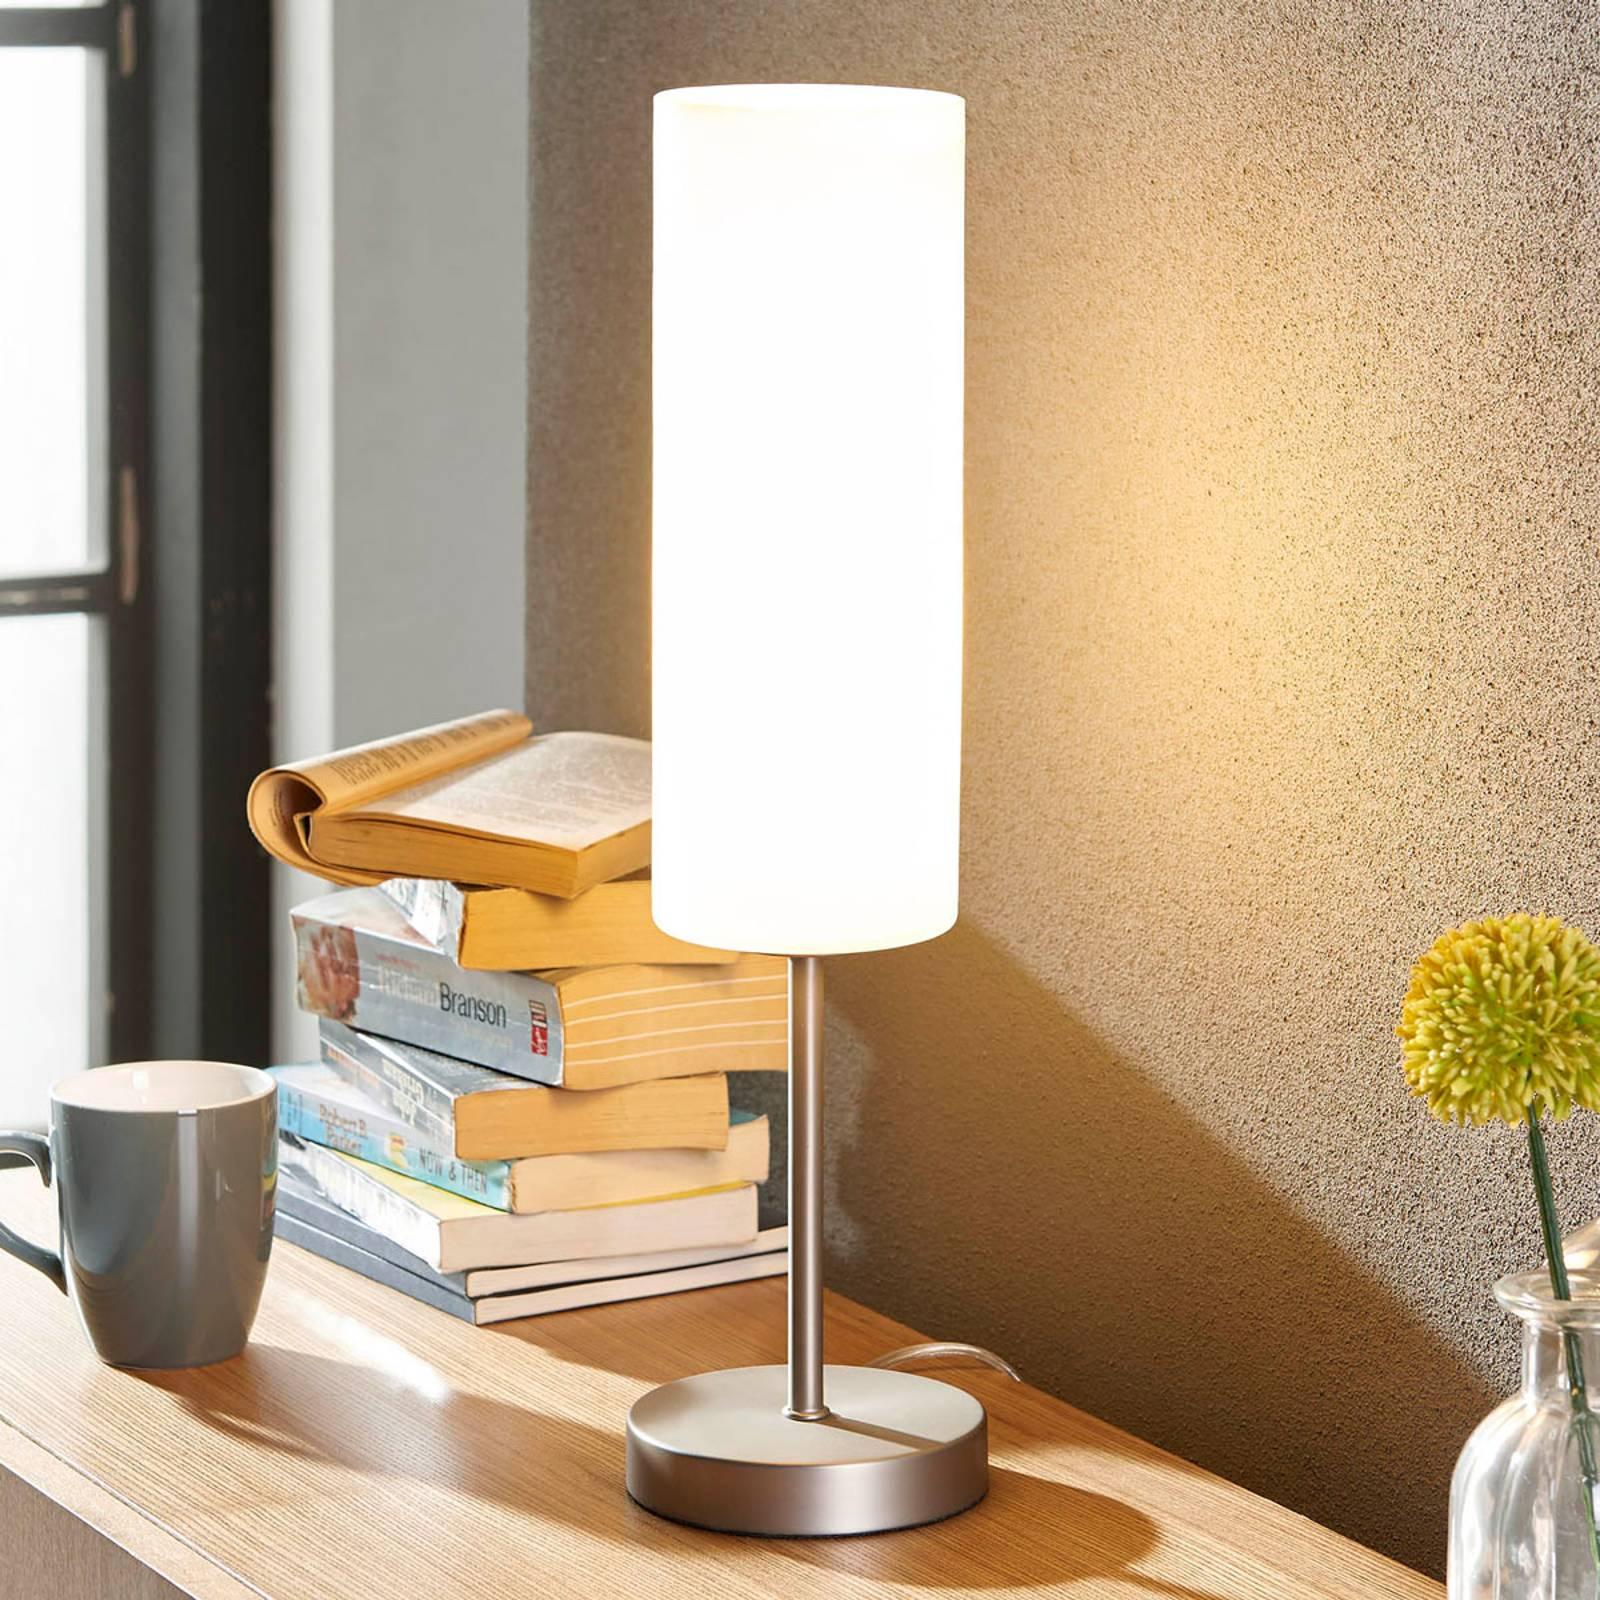 Lampada da tavolo Vinsta con vetro bianco